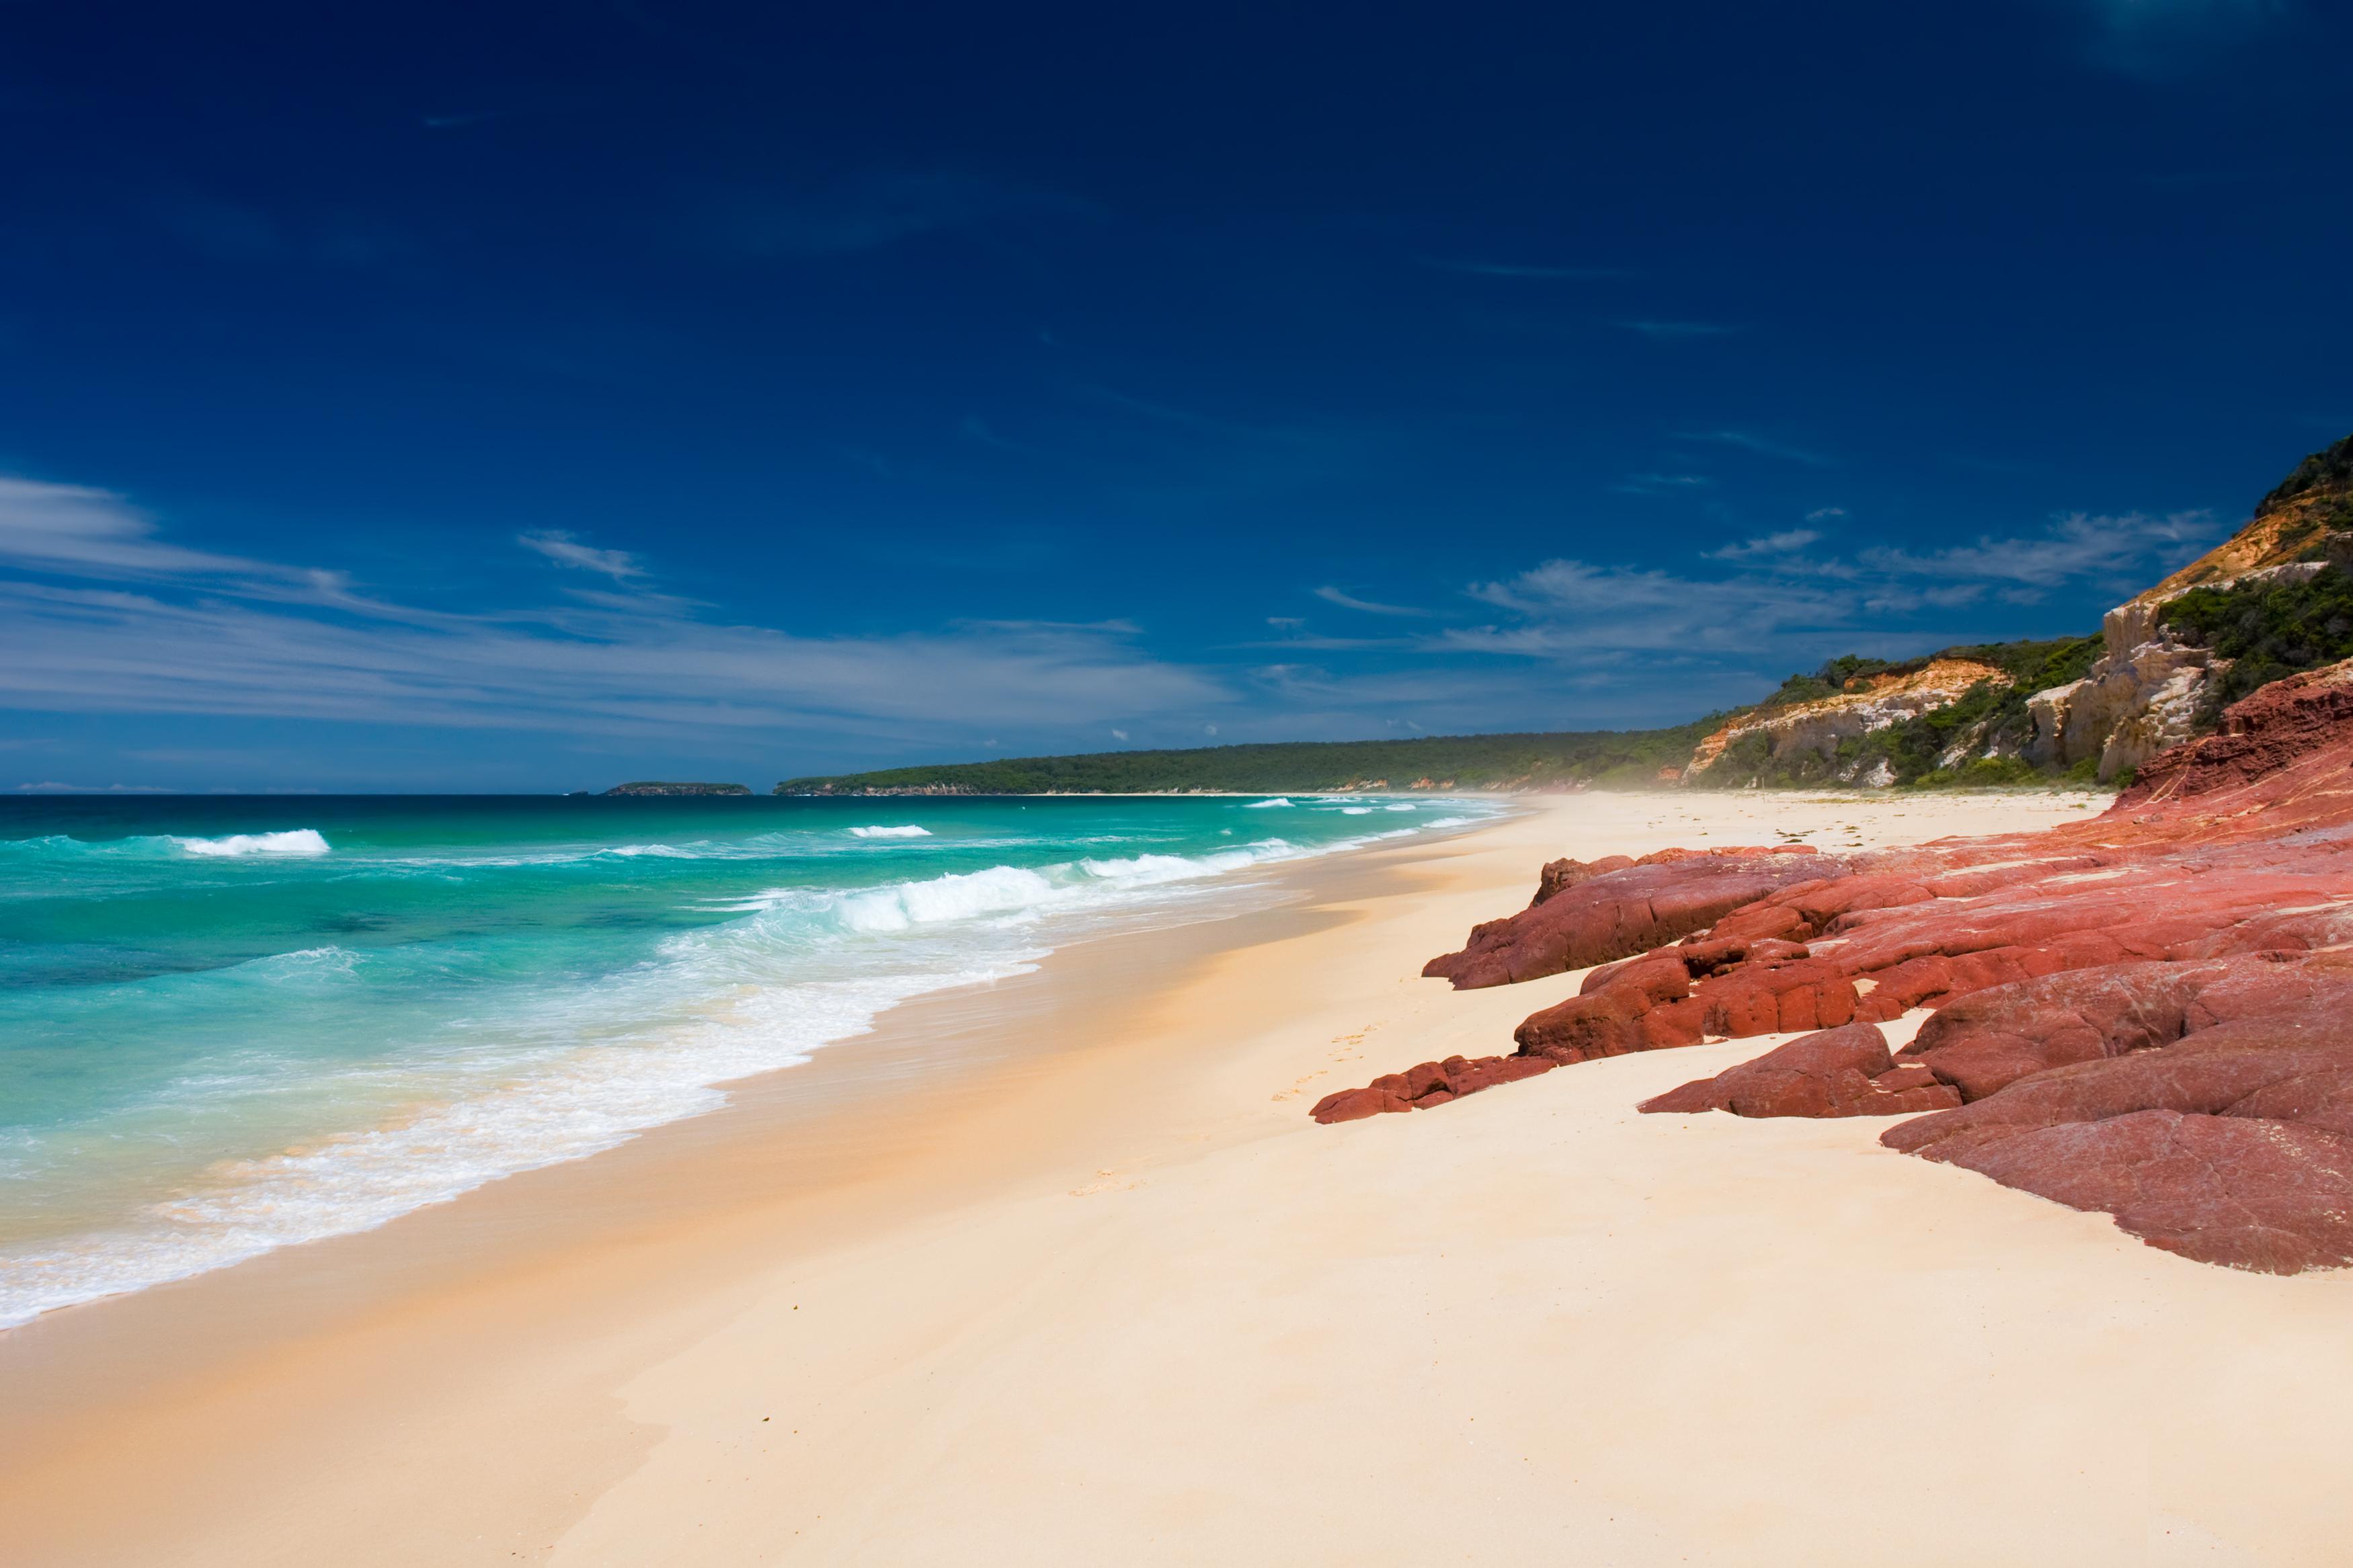 Rămăşiţe omeneşti, aduse de valuri în ultimele zile pe o plajă din Australia. Ce tragedie ar dezvălui